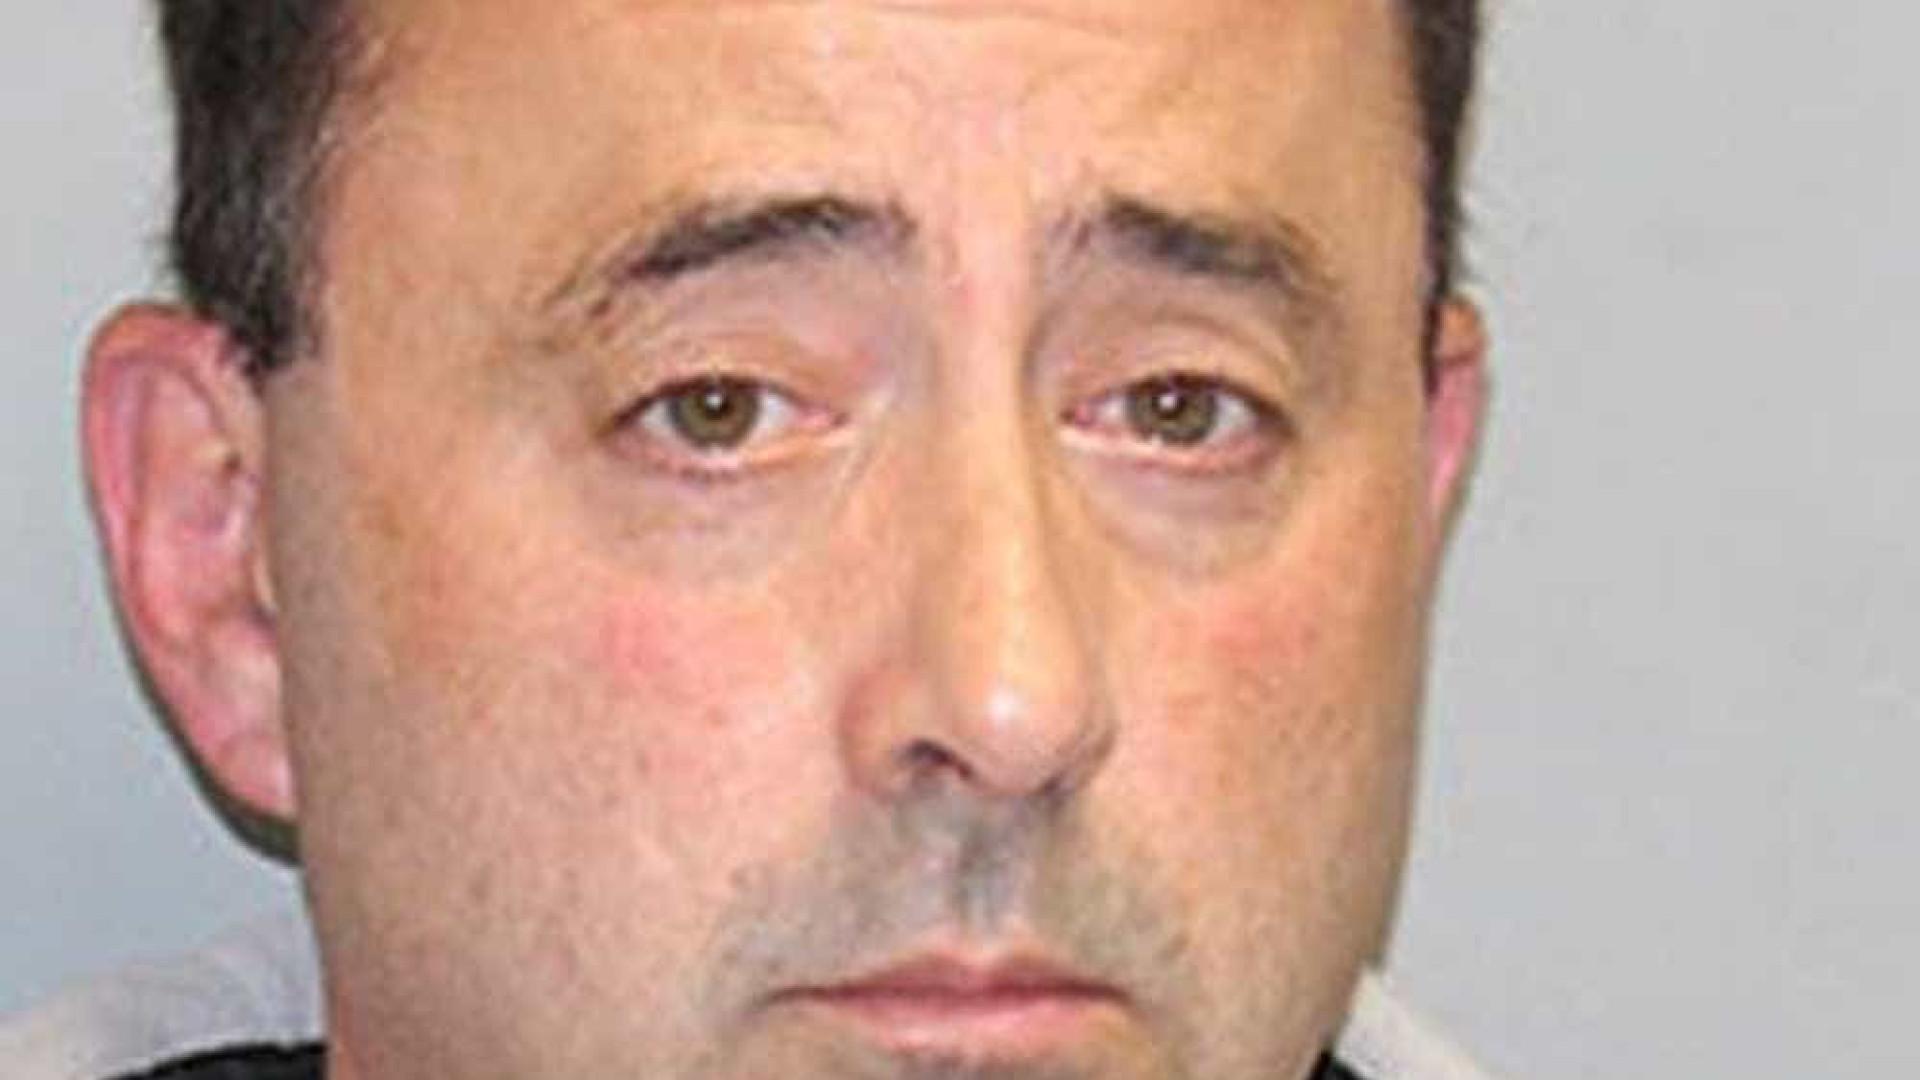 Pornografia infantil: ex-médico olímpico dos EUA pega 60 anos de prisão